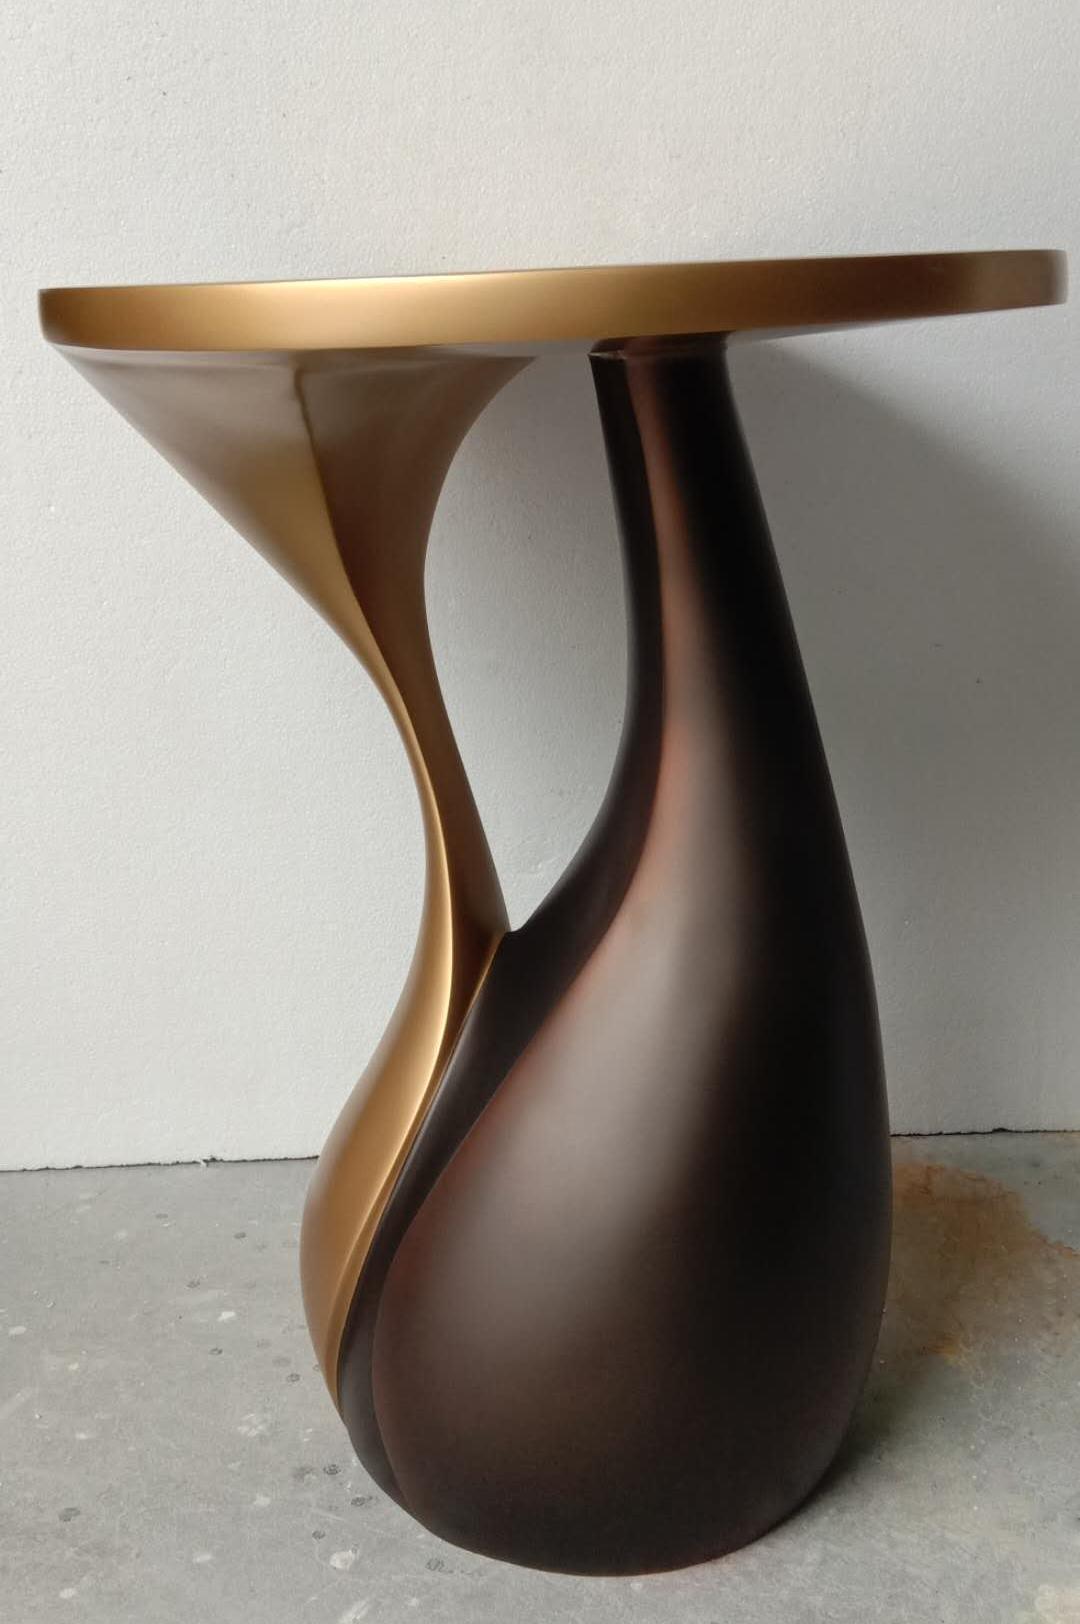 家用玻璃钢复合材质内加固实用性桌子